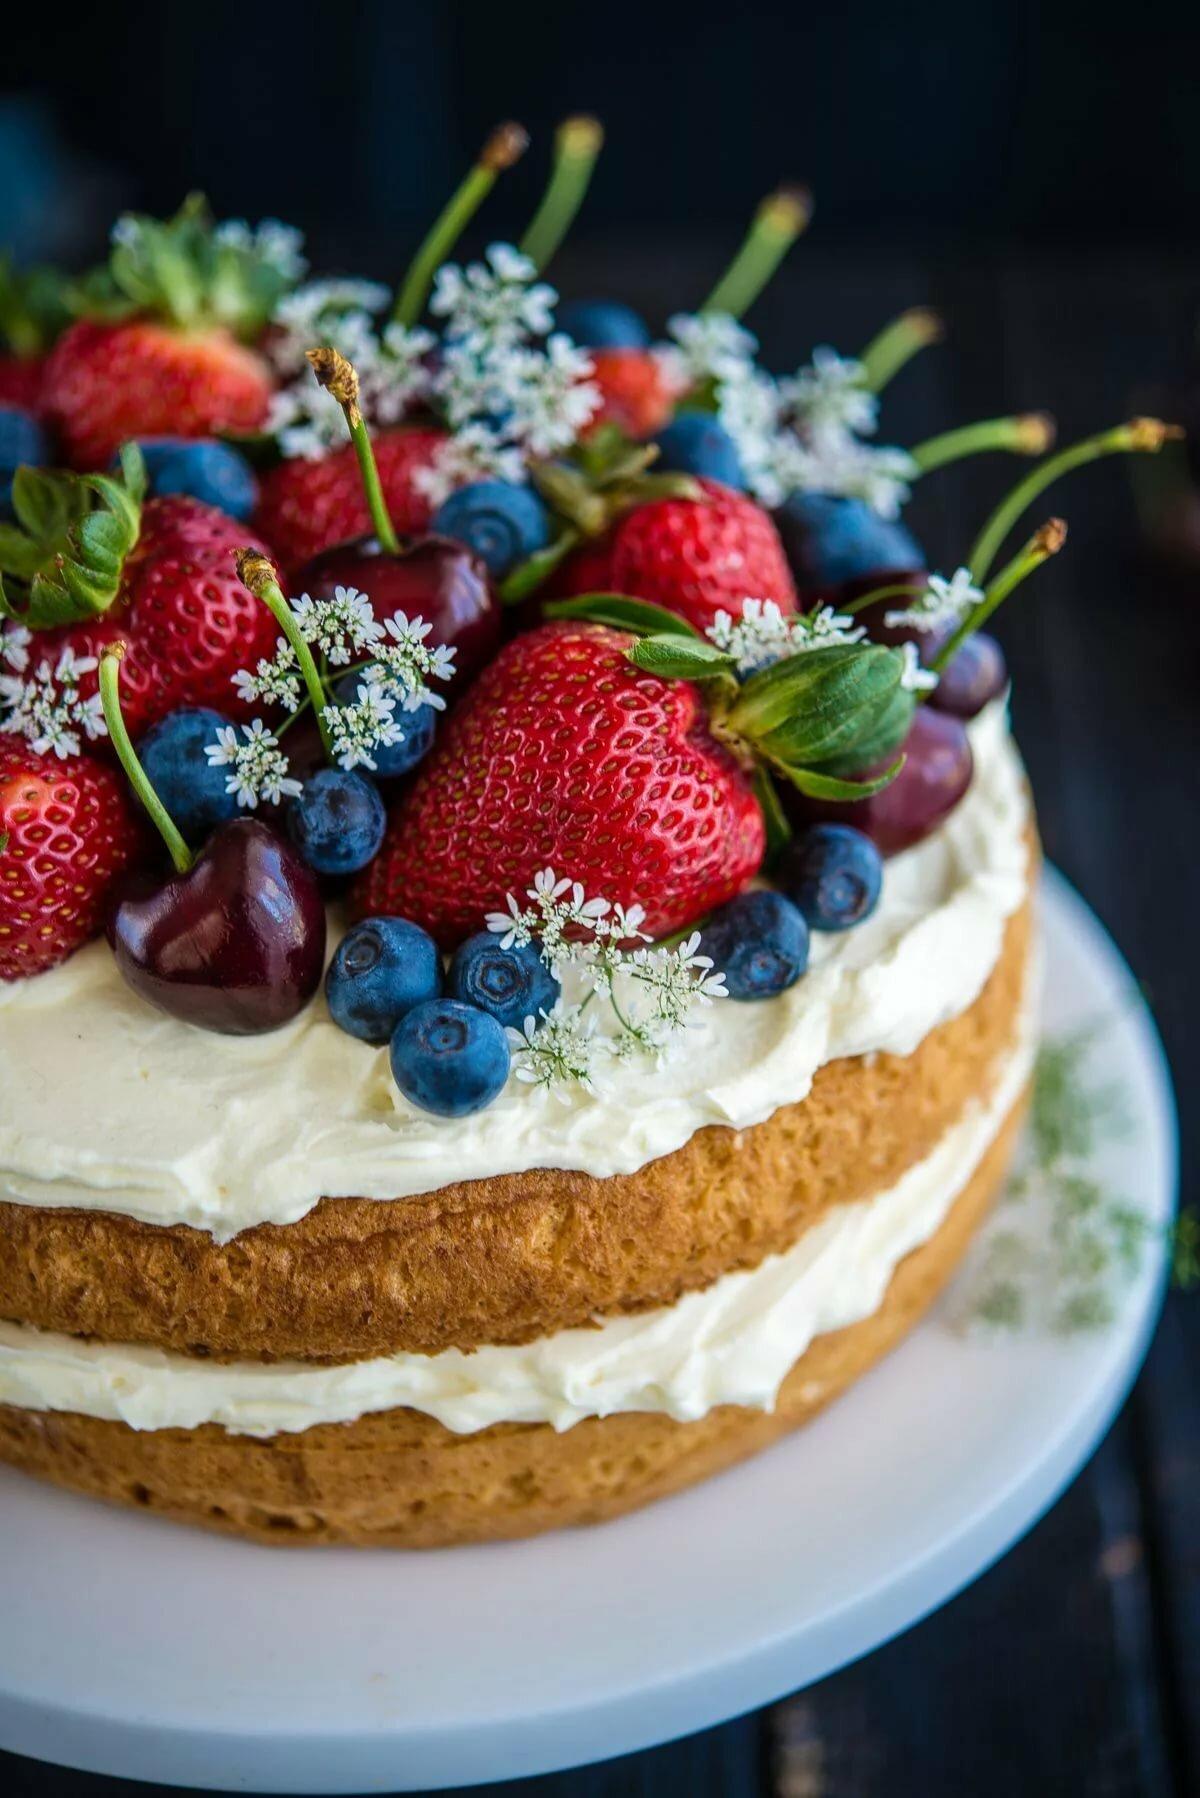 картинки торт фруктами оставались внутри